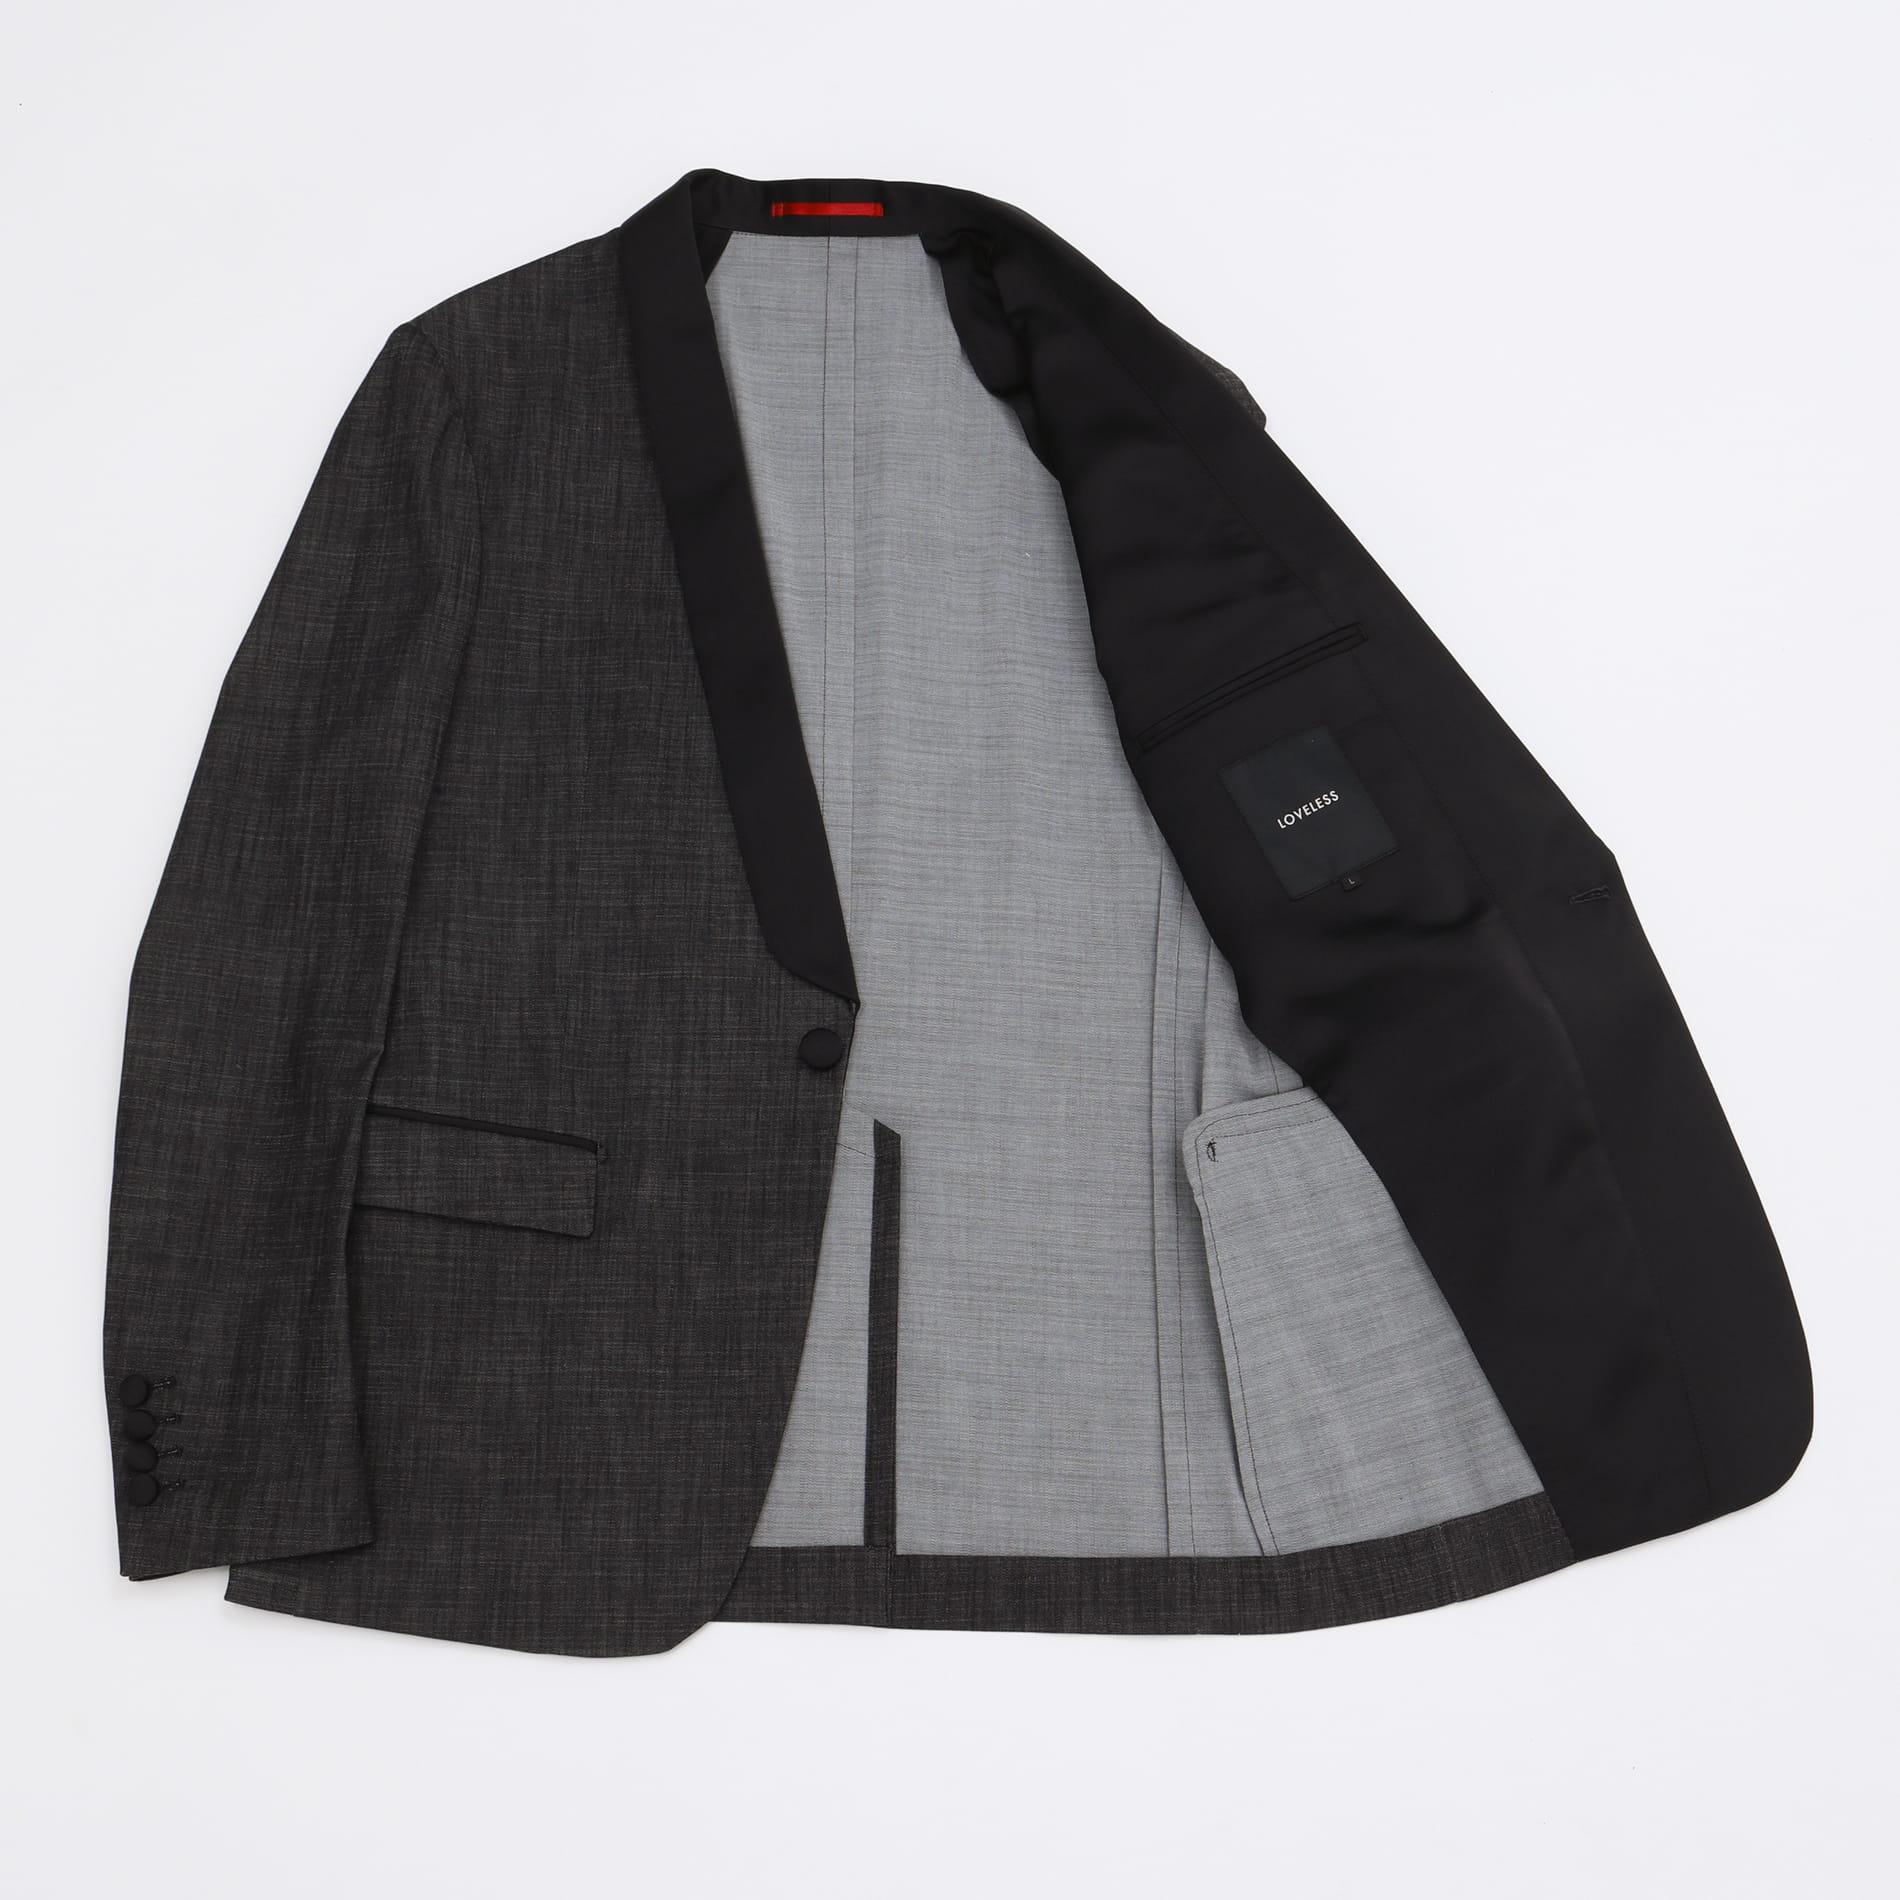 ショールカラー ストレッチデニム タキシードジャケット